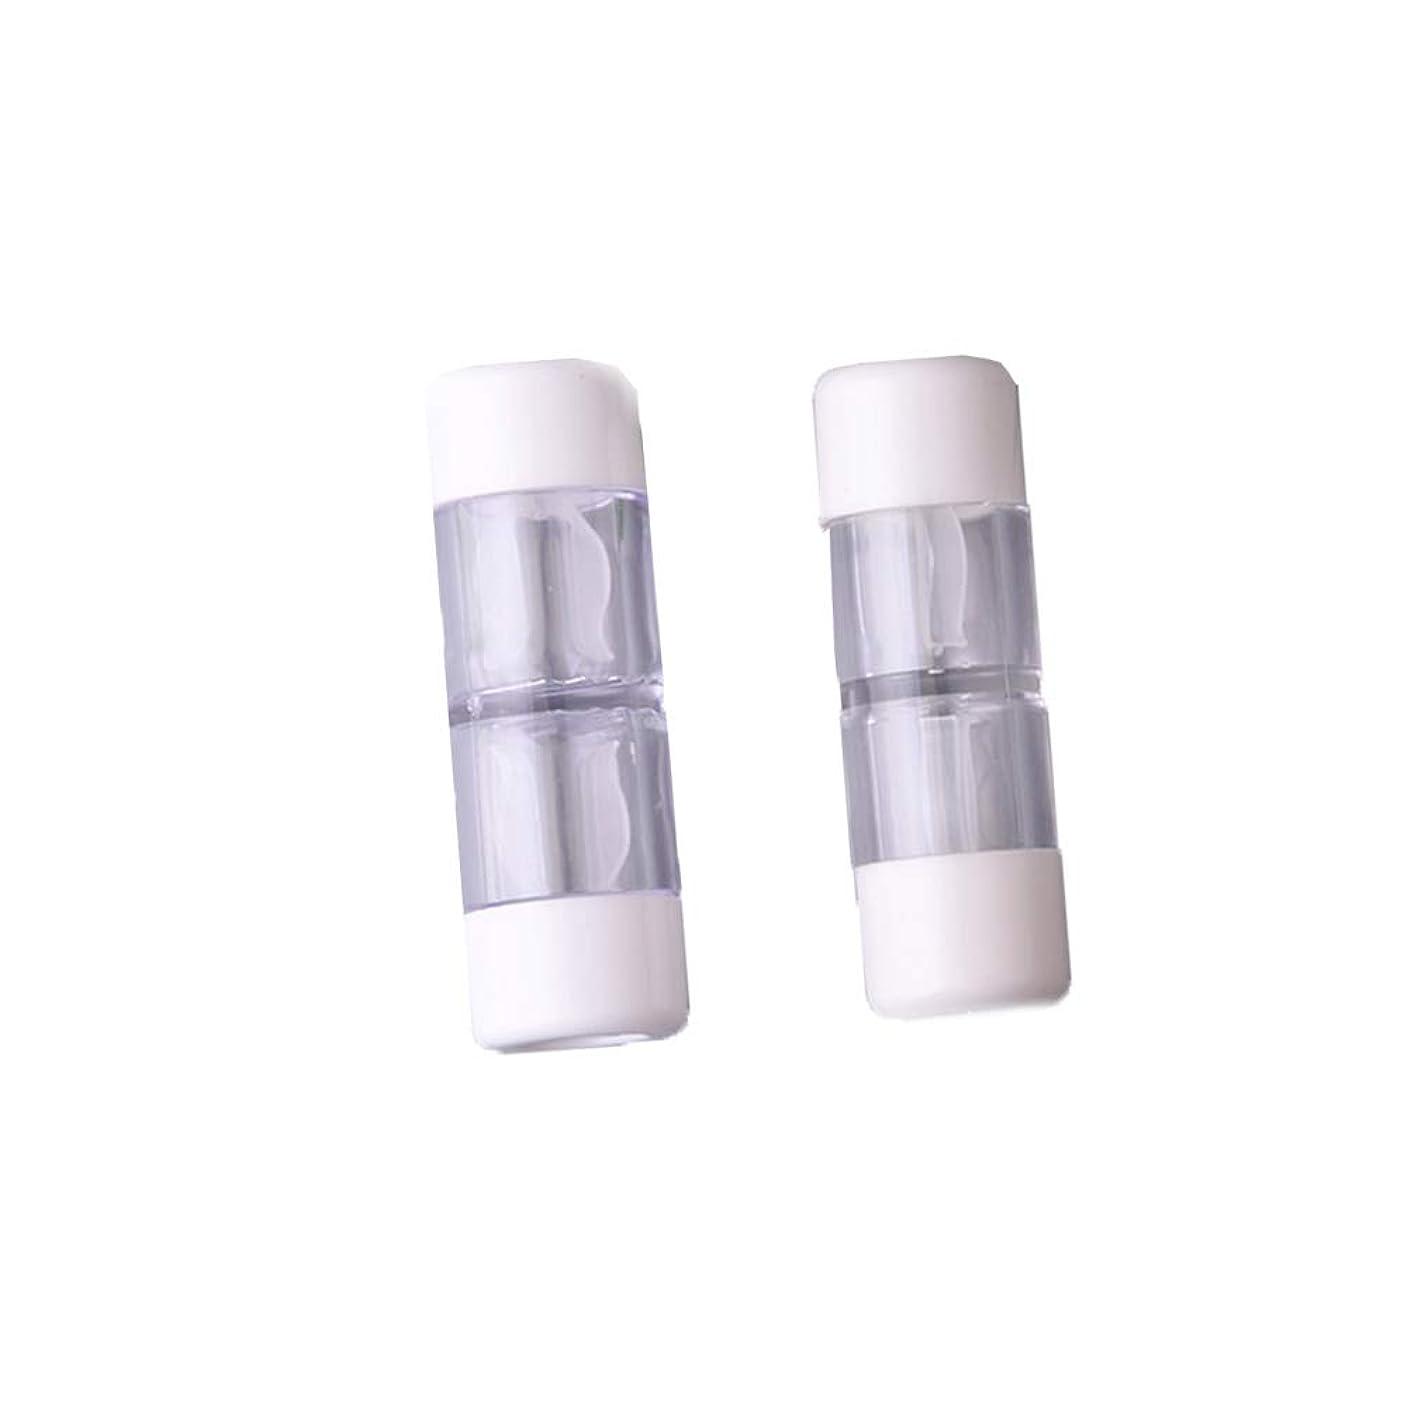 つぶやきサバントドライバHeallily コンタクトレンズケース1セットコンタクトレンズケースボックス収納ジャーツール瓶とピンセット付き(5ペアRGPミックスカラー)